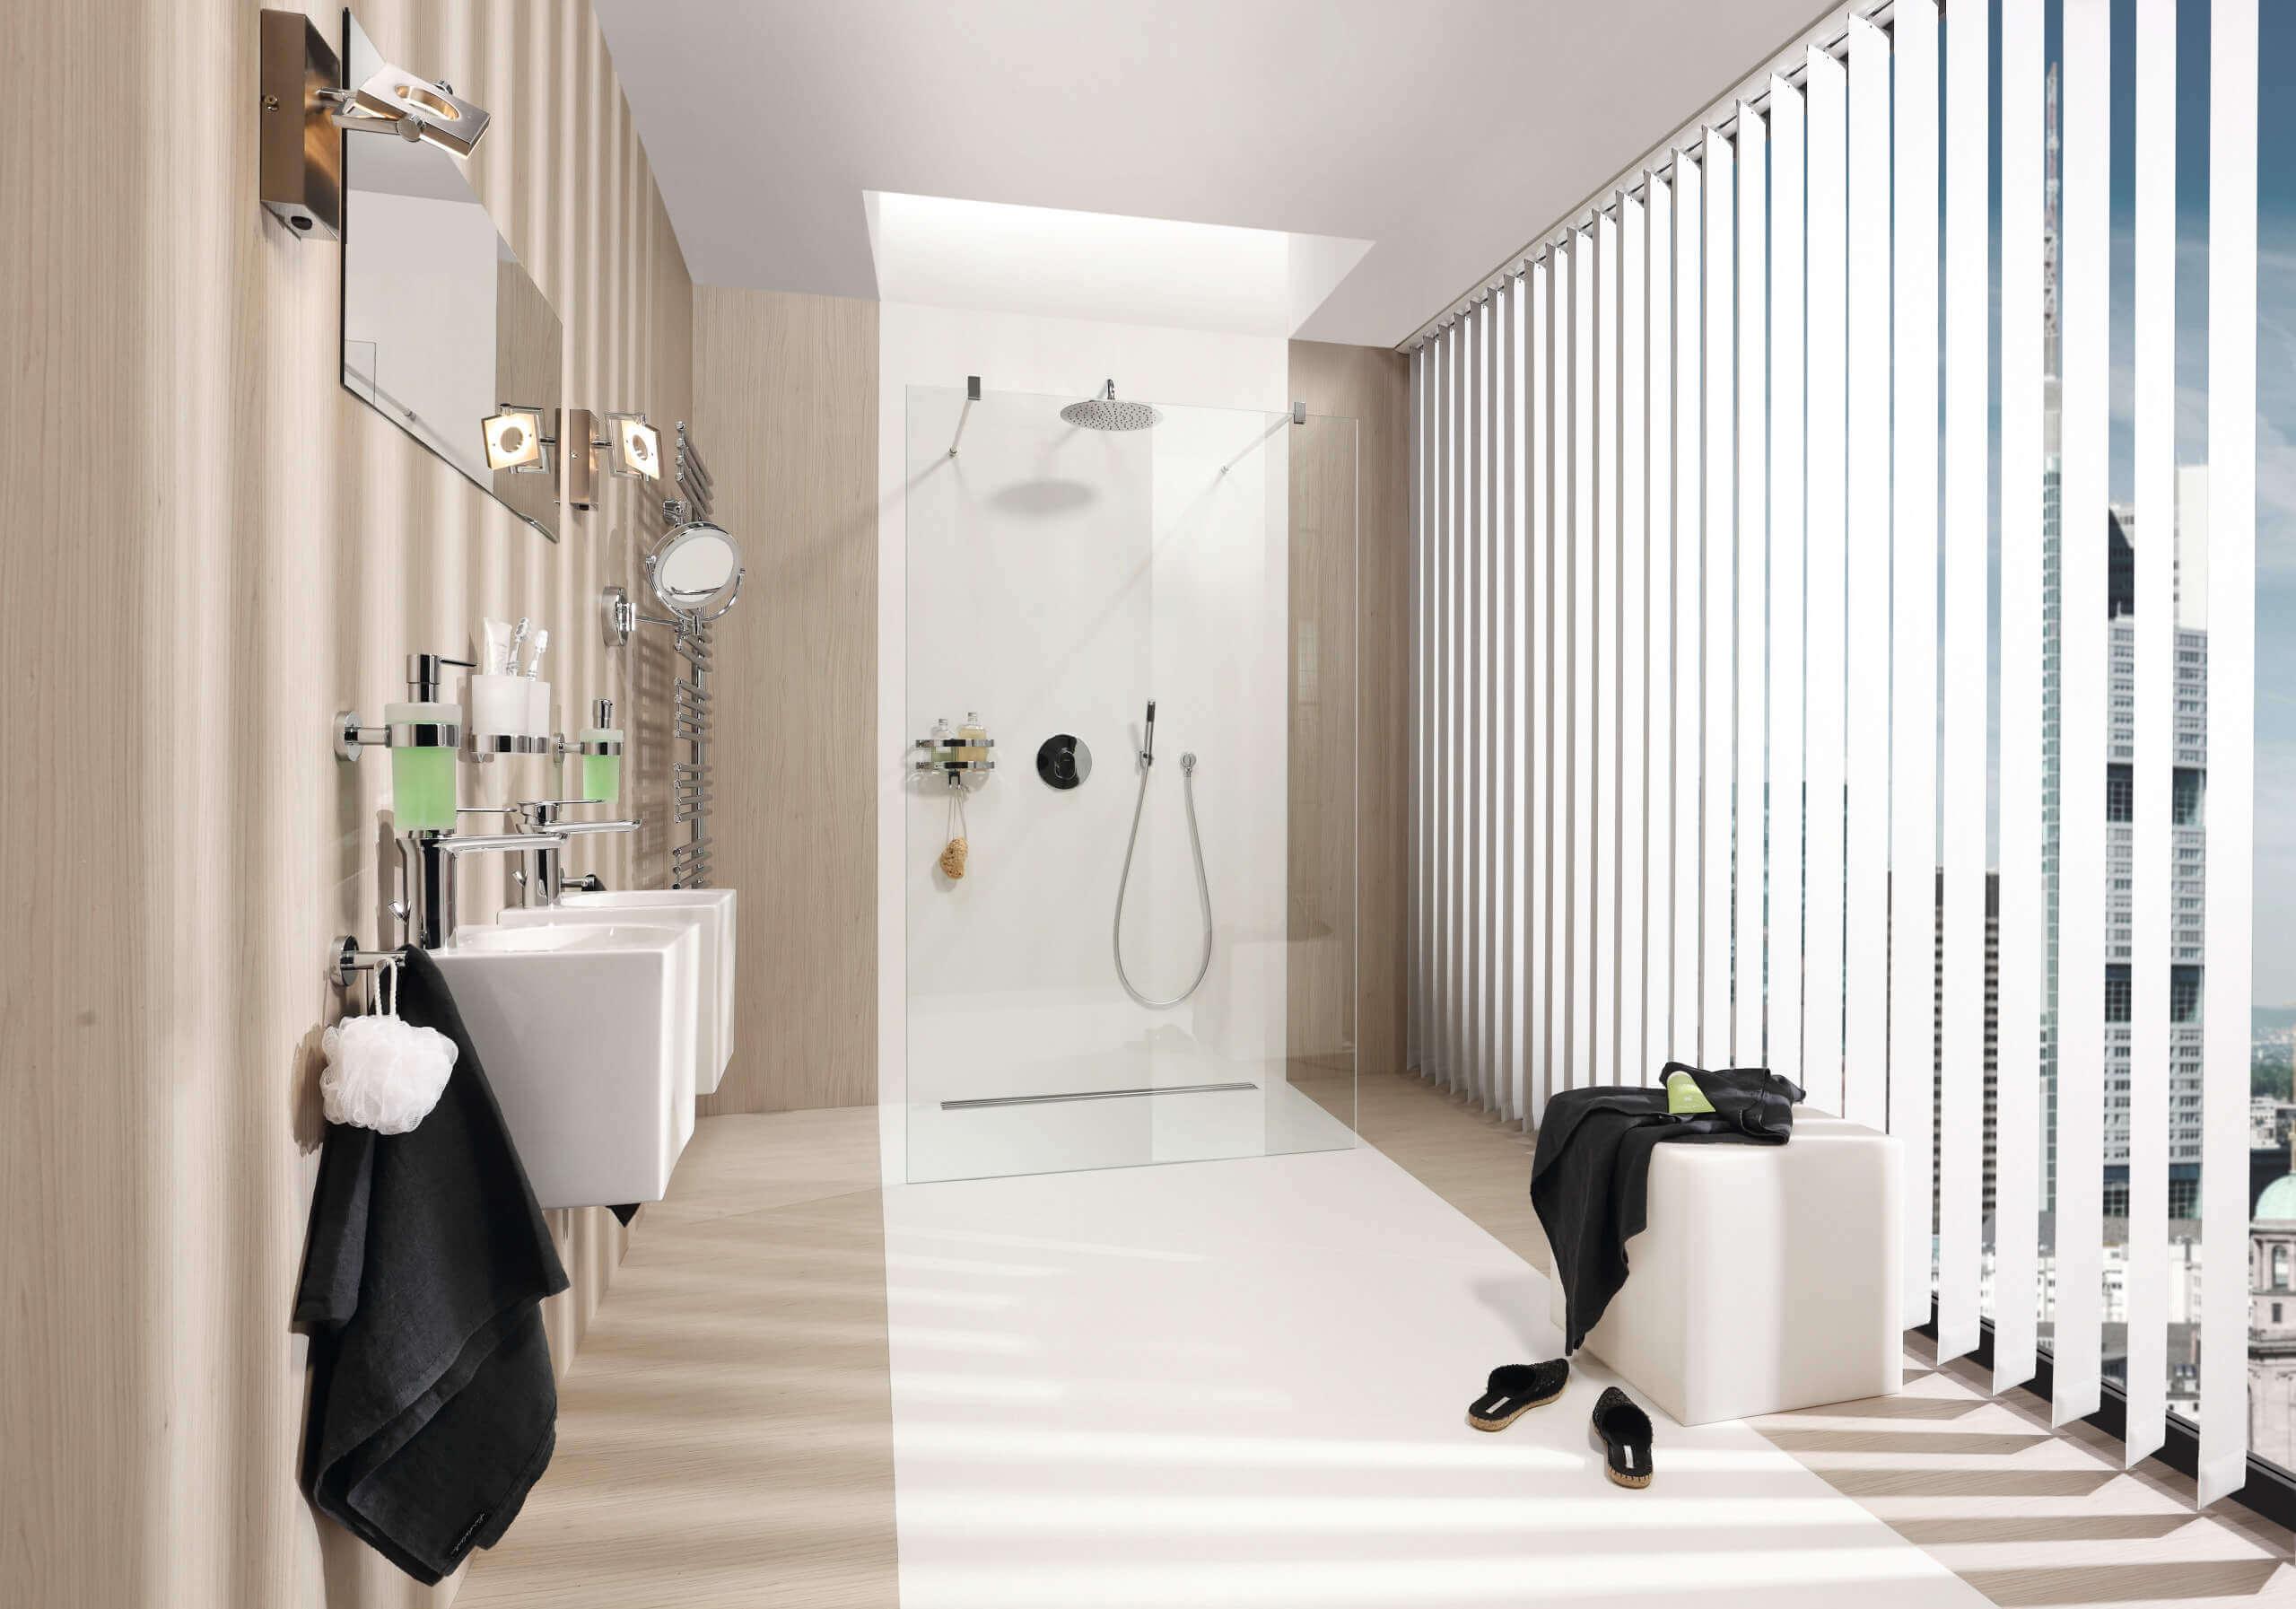 lamellenvorh nge multifunktionaler sonnenschutz. Black Bedroom Furniture Sets. Home Design Ideas